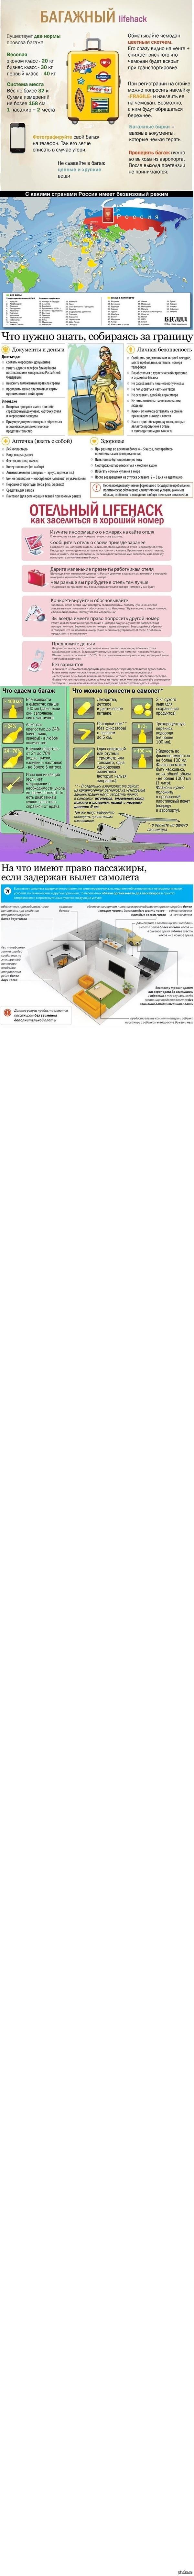 Длиннопост для пушественника Местами текст трудночитаем, но этой мой первый подобный пост. С радостью, выслушаю все советы по улучшению.  Отчасти виновато качество картинок.